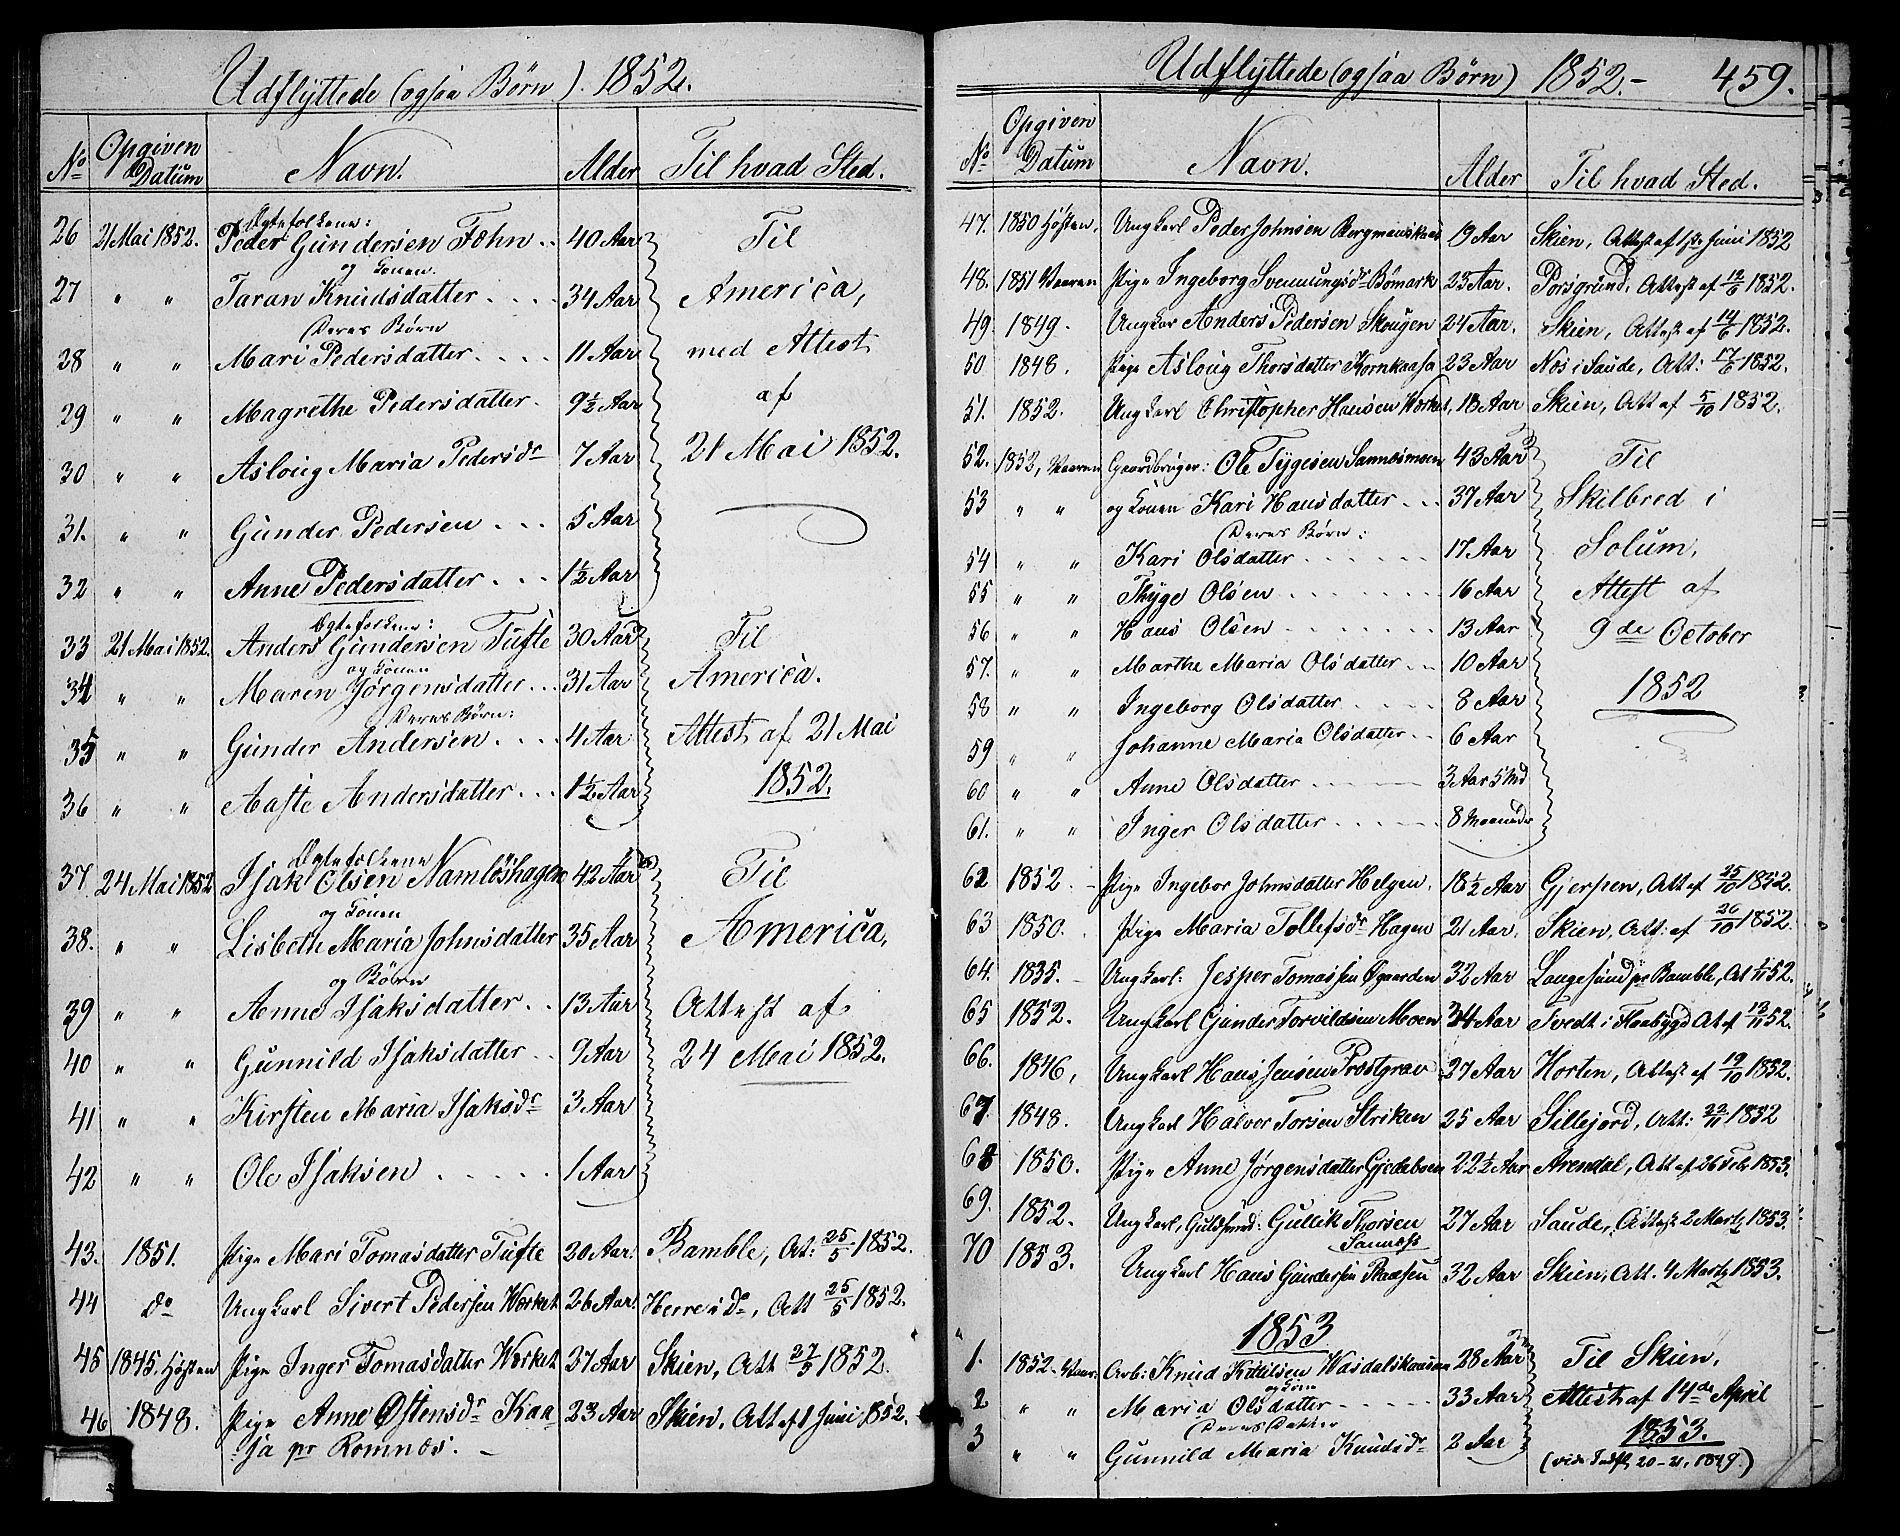 SAKO, Holla kirkebøker, G/Ga/L0003: Klokkerbok nr. I 3, 1849-1866, s. 459